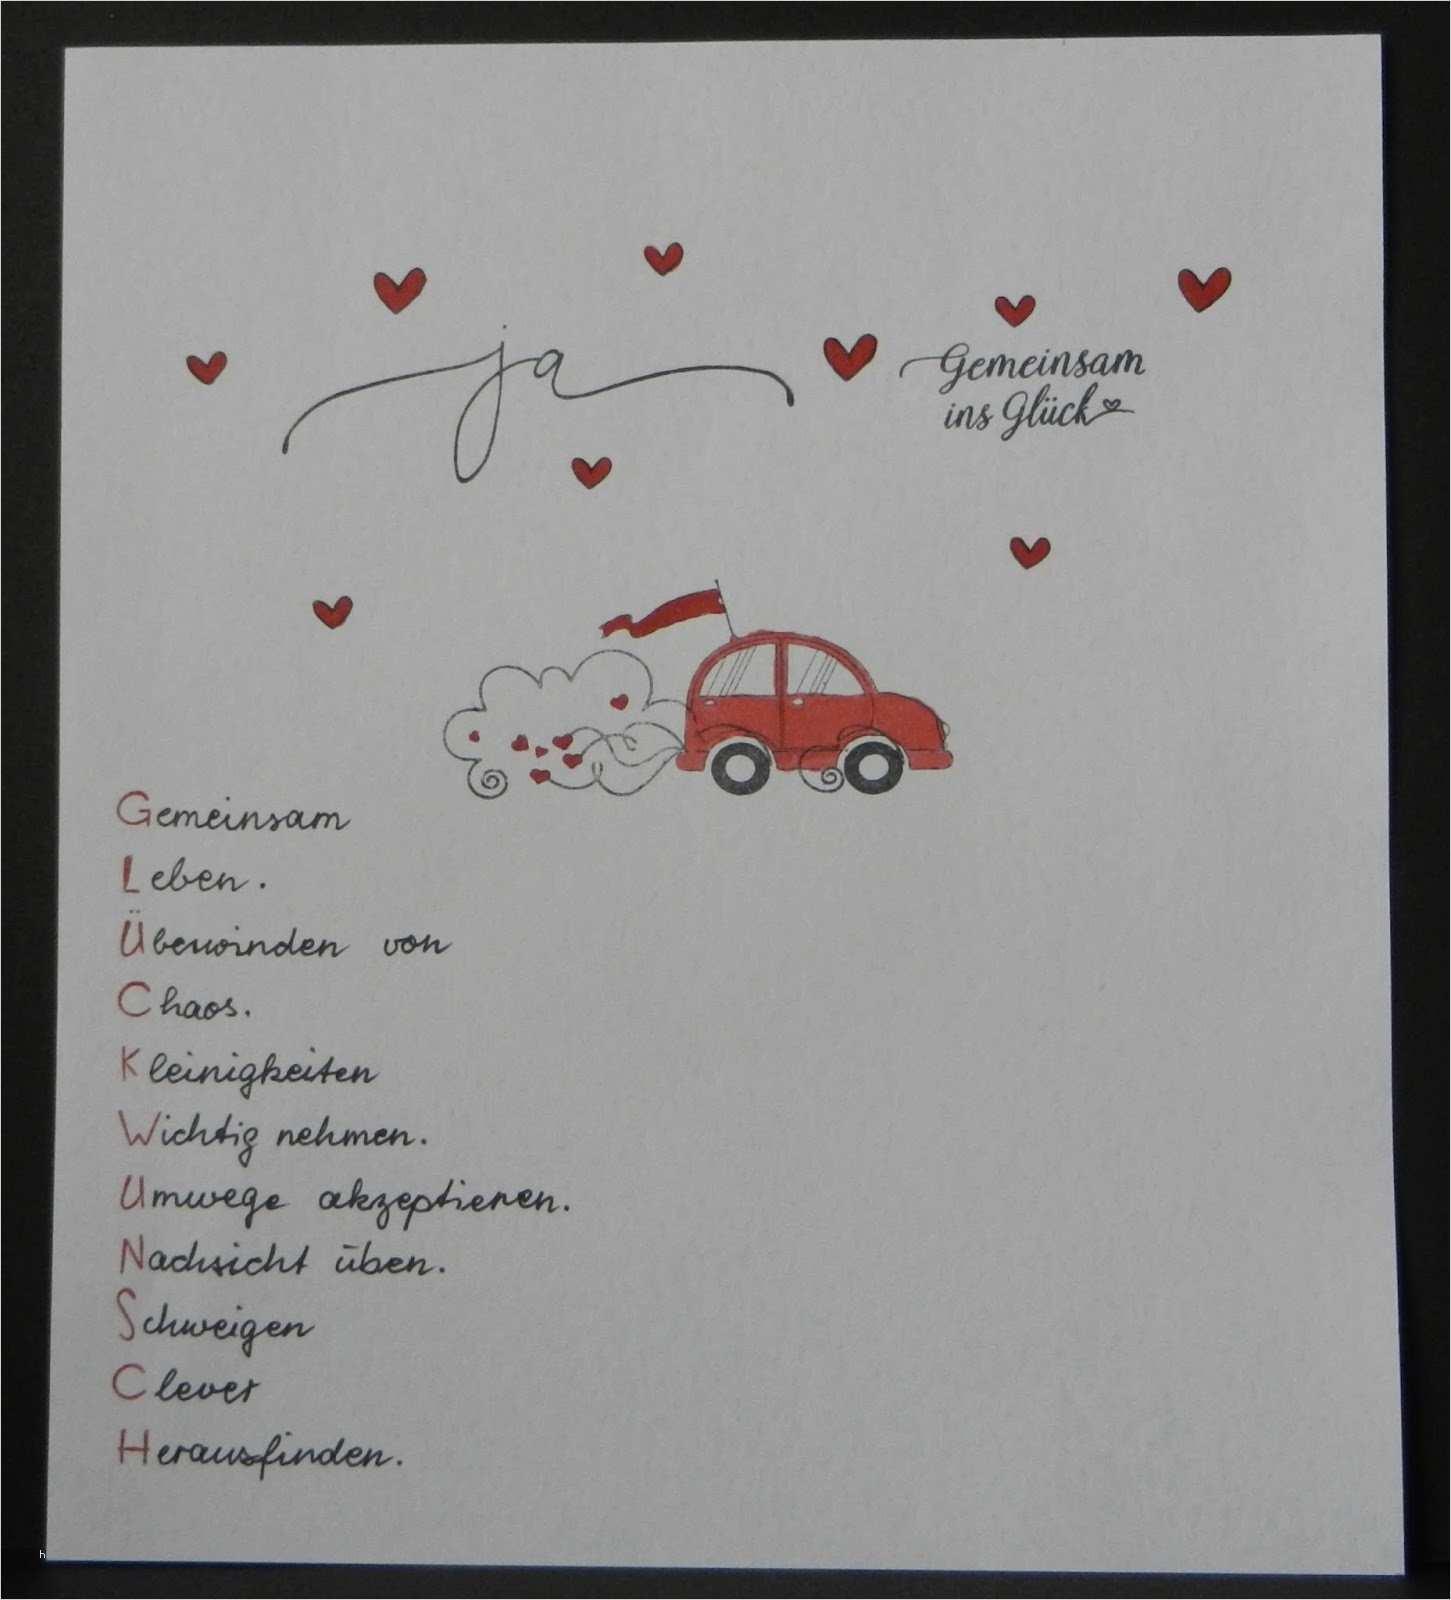 Html Seite Vorlage 21 Beste Solche Konnen Adaptieren Fur Ihre Wichtigsten Inspiration In 2020 Hochzeitsbuch Gastebuch Hochzeit Gestalten Gastebuch Hochzeit